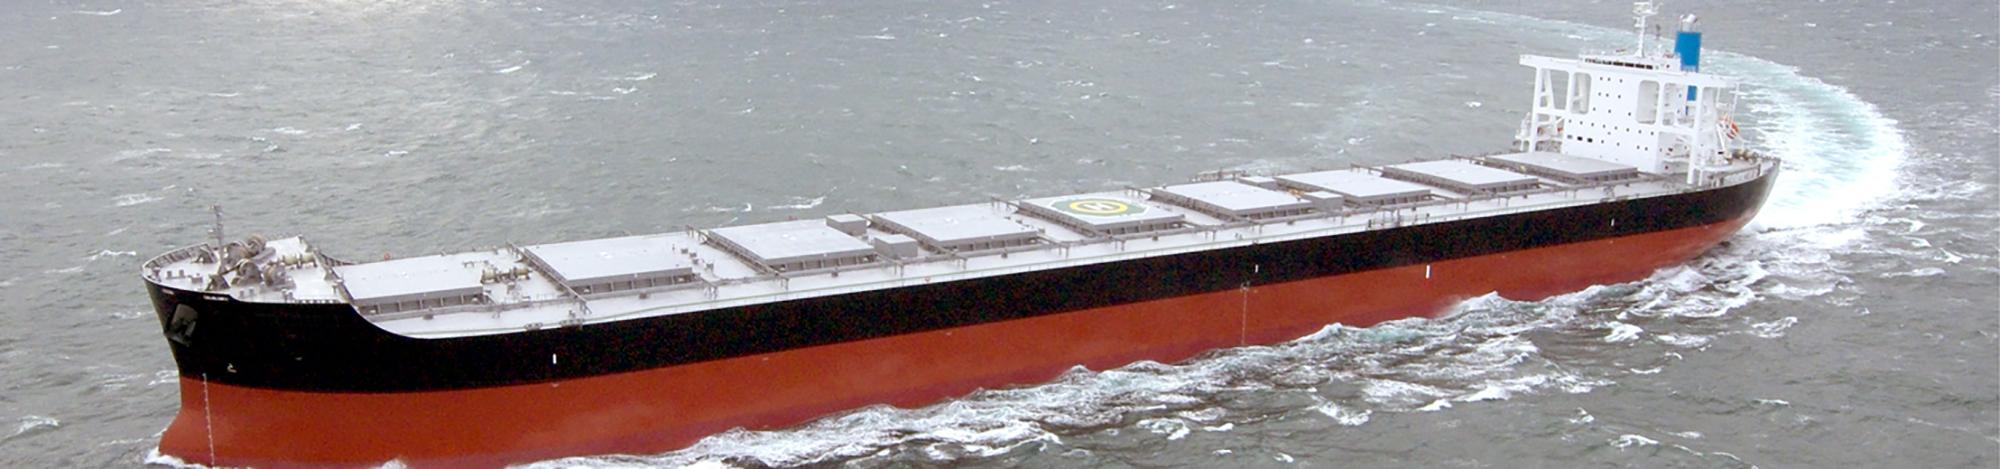 bulkcarrier-01